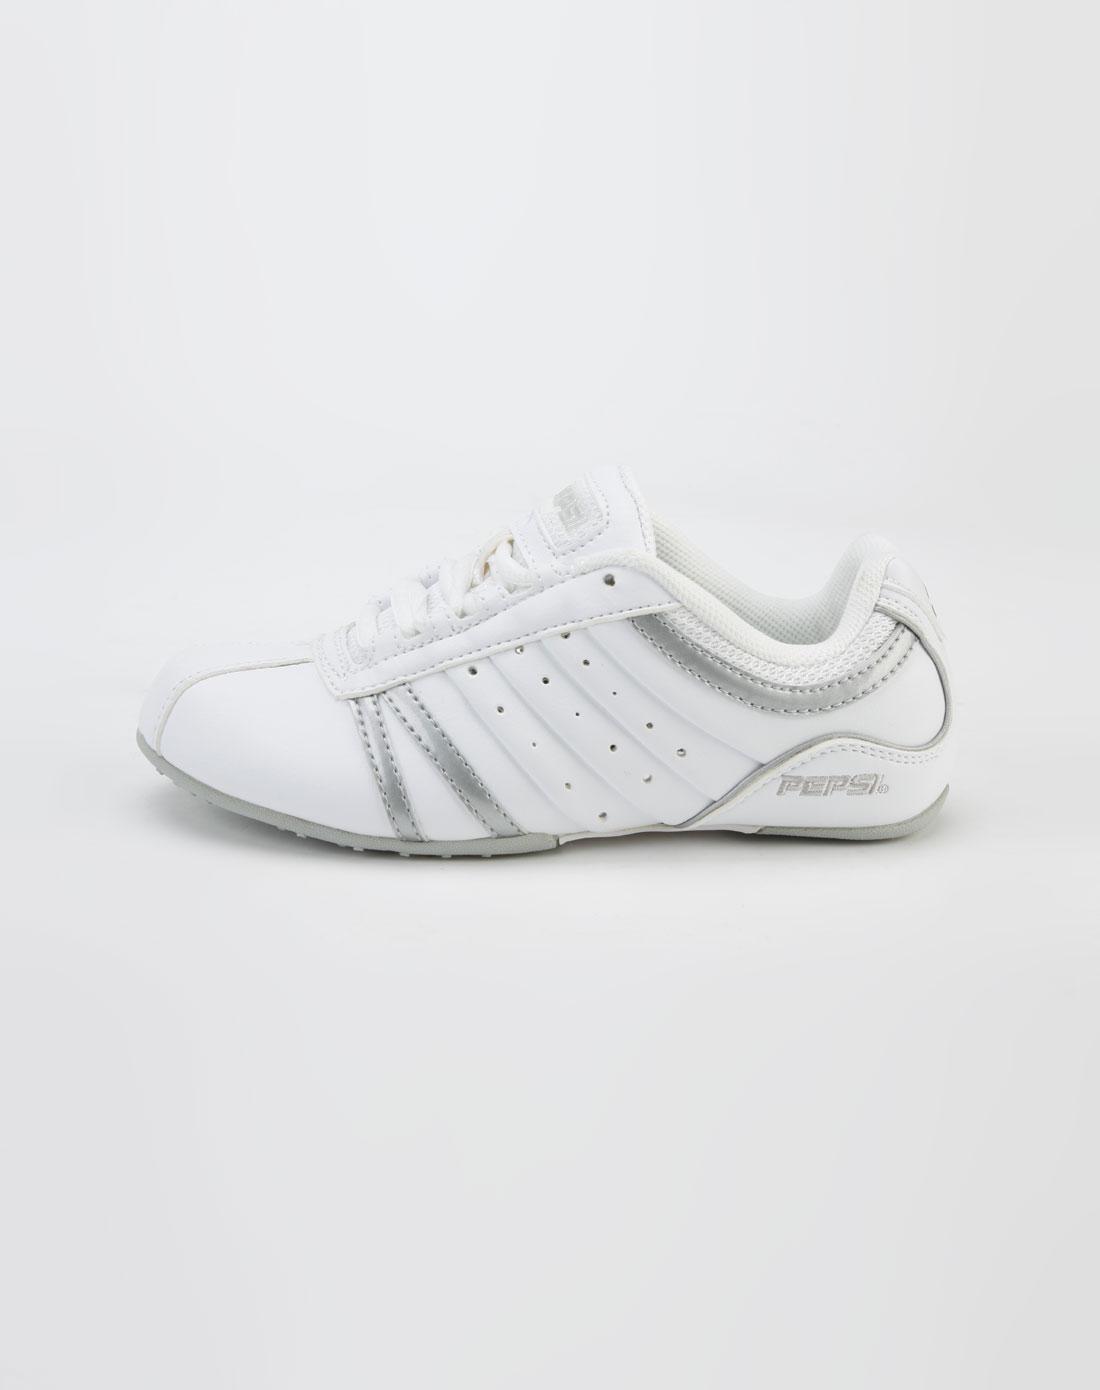 百事pepsi白/银色运动鞋